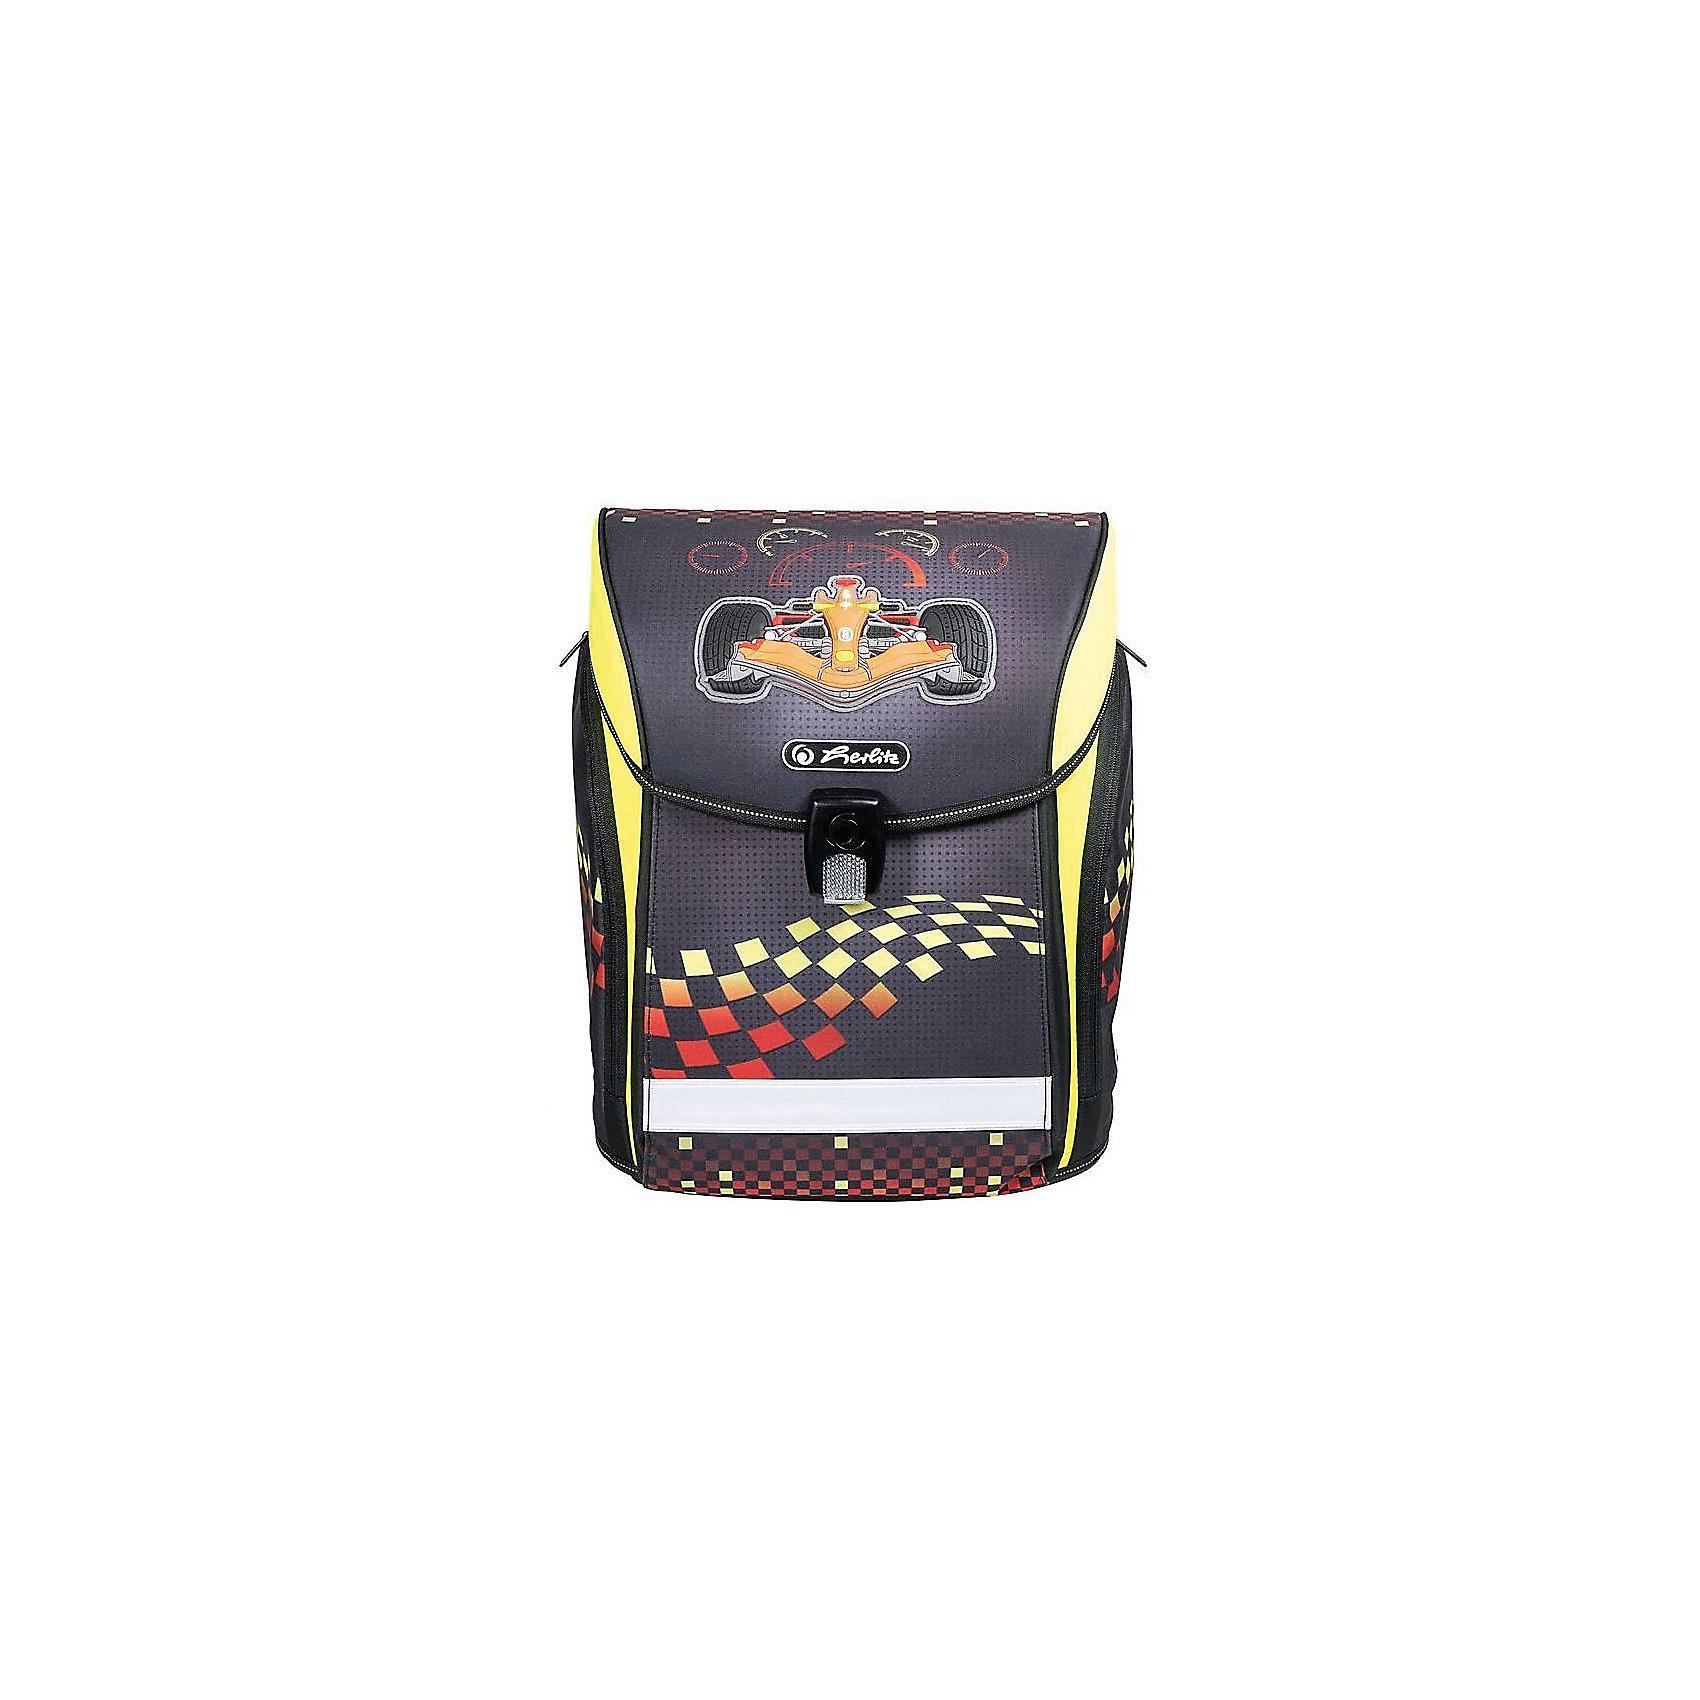 Herlitz Ранец MIDI NEW Formula 1, без наполненияРанцы<br>Ранец NEW MIDI Formula 1 без наполнения<br>- полиэстер<br>размер 38х32х26см <br>- Новый магнитный замок Fidlock;<br>- 2 внутренних отделения с карманом для учебников,<br>- 1 внутренний карман на молнии,<br>- расписание уроков,<br>- дно из жесткого пластика,<br>- Удобный, интегрированный передний карман в корпус ранца.<br>- водоотталкивающая ткань,<br>- светоотражатели 3M на переднем кармане, боковых карманах и лямках, на крышке ранца светоотражающий кант<br>- 2 просторных боковых кармана на молнии,<br>- эргономичная спинка и уплотненные регулируемые лямки из вентилируемого материала, <br>вес около 1000 гр<br><br>Ширина мм: 370<br>Глубина мм: 380<br>Высота мм: 220<br>Вес г: 1100<br>Возраст от месяцев: 72<br>Возраст до месяцев: 120<br>Пол: Мужской<br>Возраст: Детский<br>SKU: 5595067